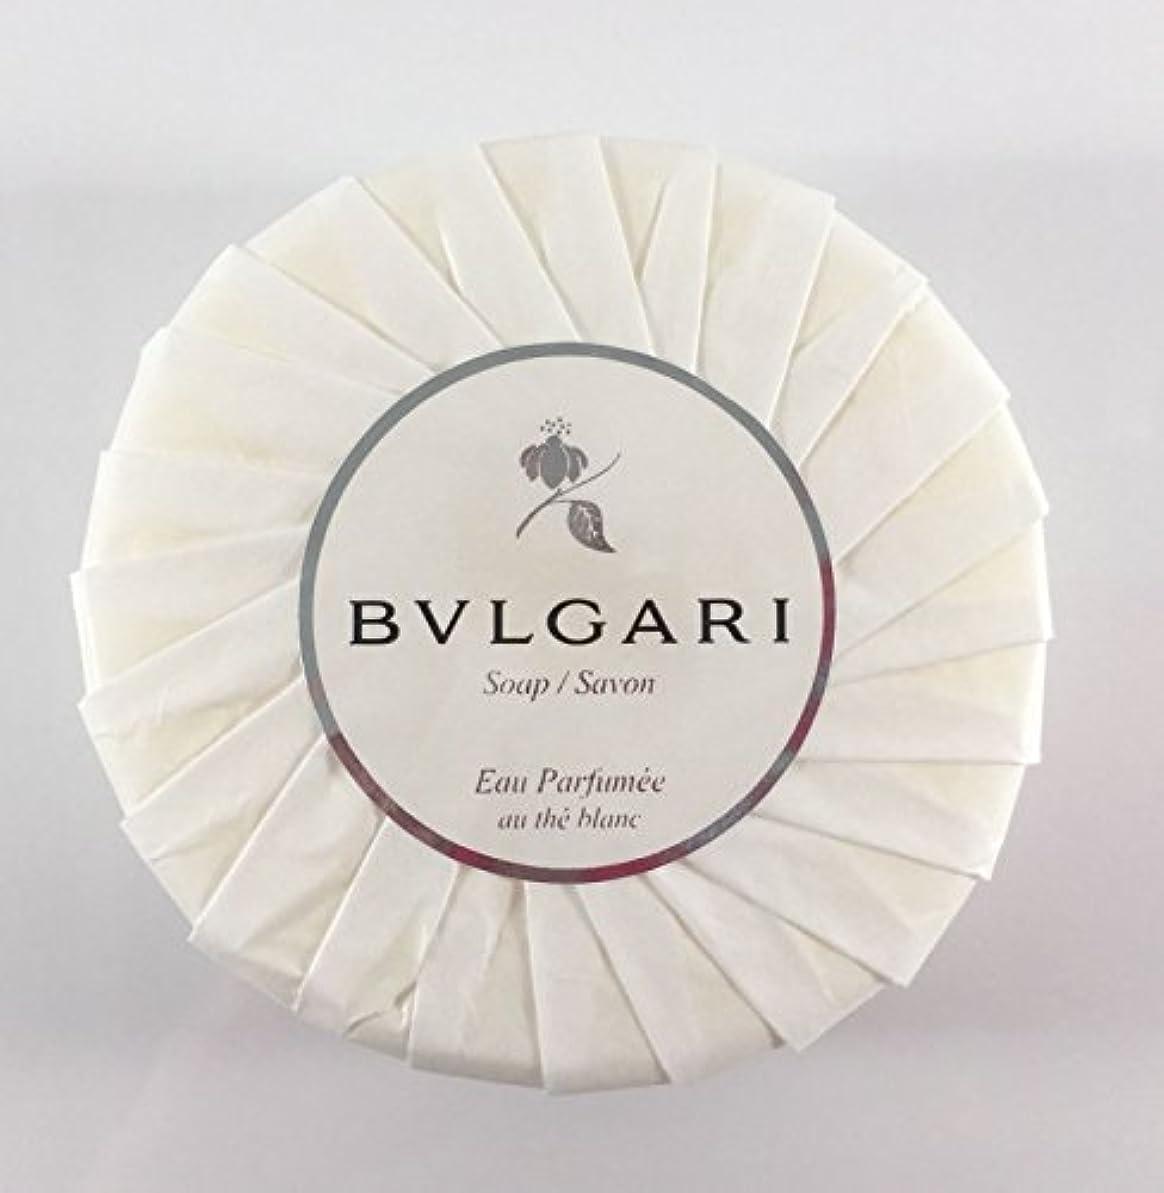 願望タッチ警官ブルガリ オ?パフメ オーテブラン デラックスソープ150g BVLGARI Bvlgari Eau Parfumee au the blanc White Soap